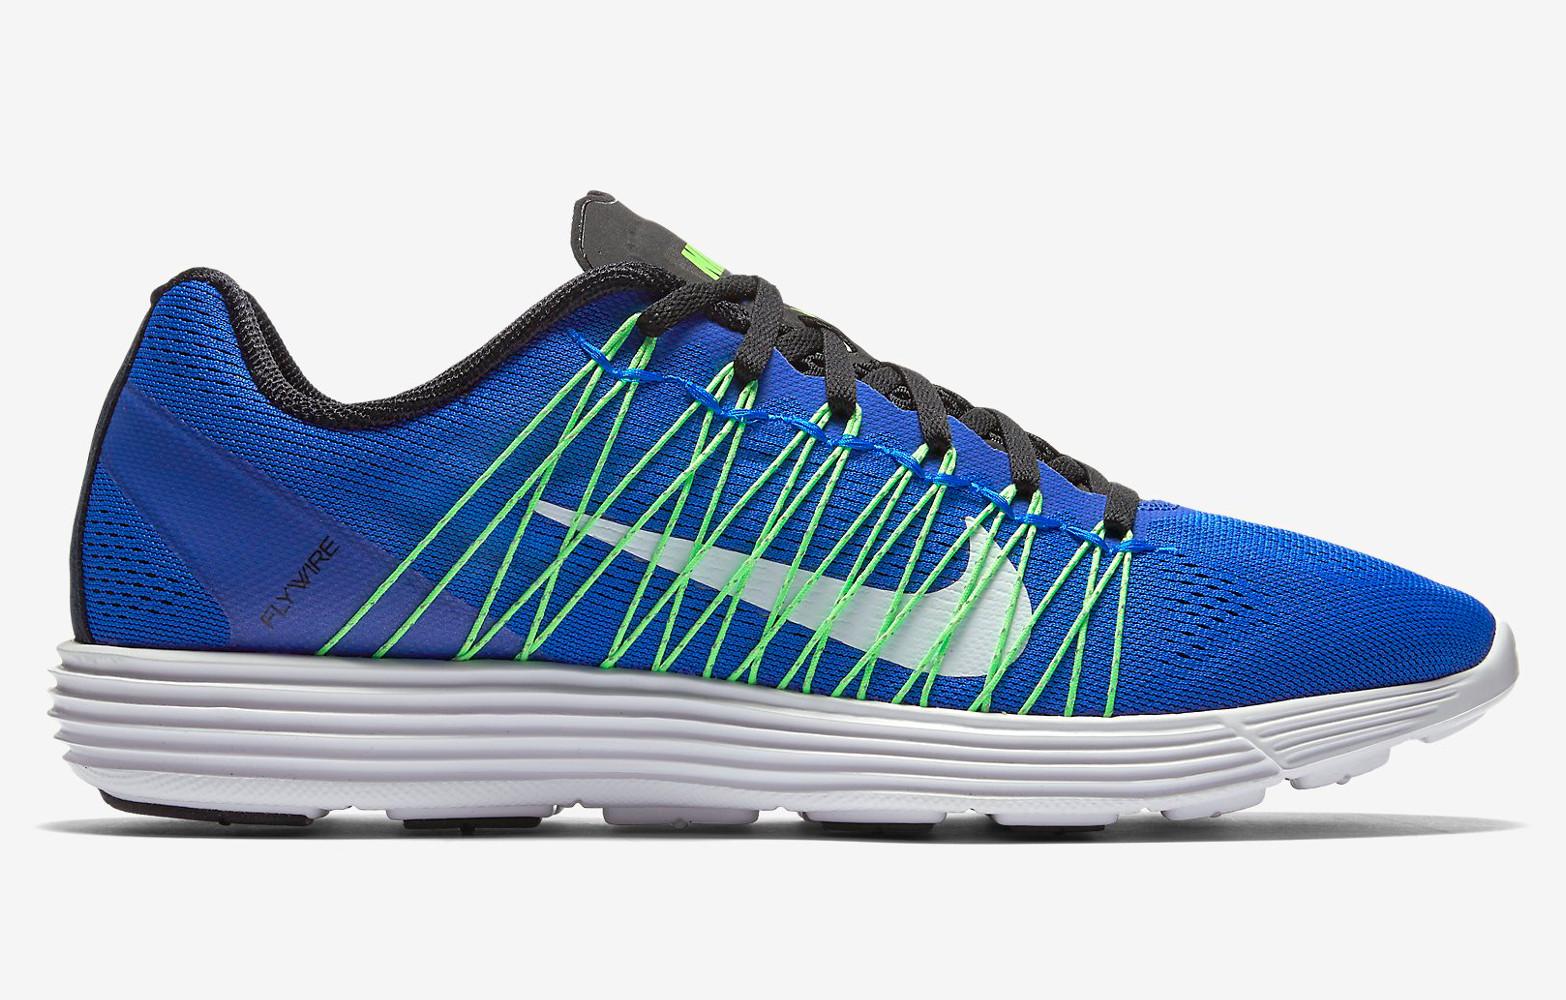 Women's Running Shoe - Nike Lunaracer+ 3 - Racer Blue/Voltage Green/Black/White : I76o9694